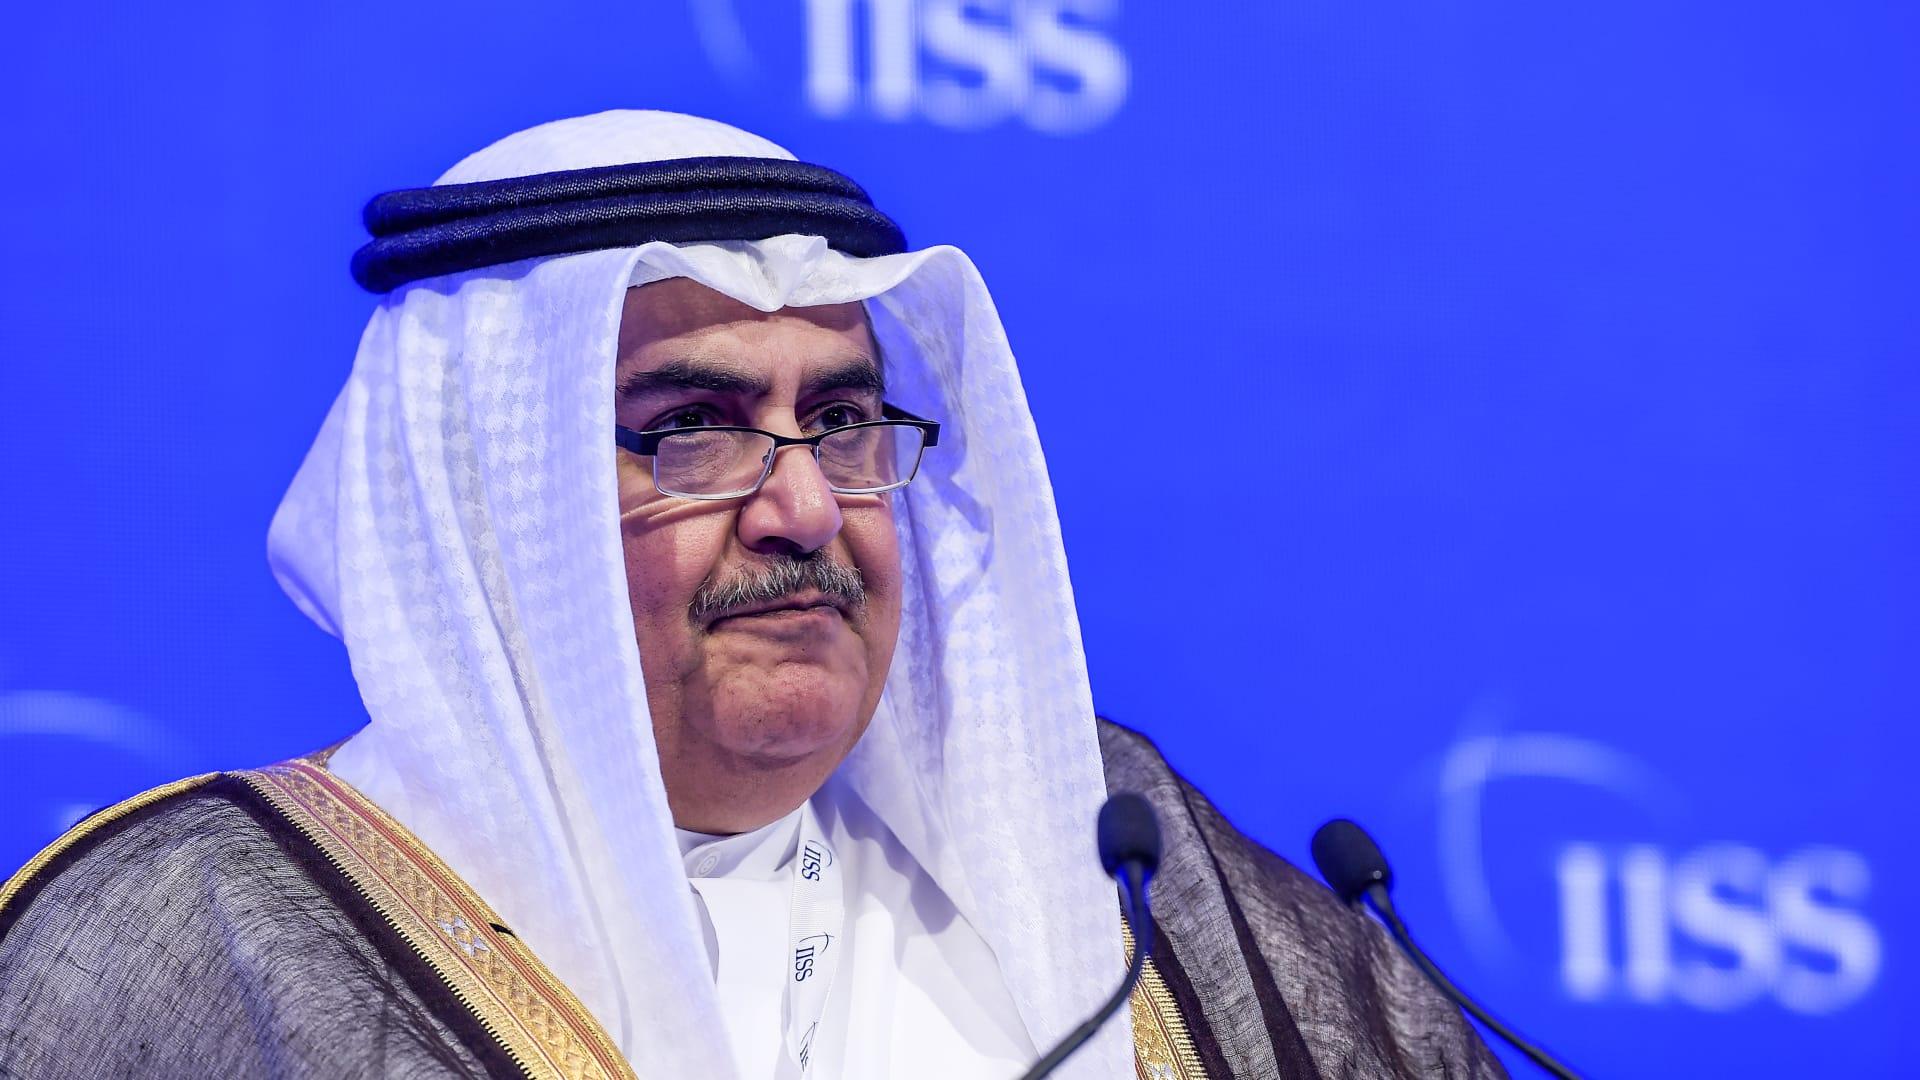 عام على الأزمة الخليجية.. هذه أبرز تصريحات ترامب